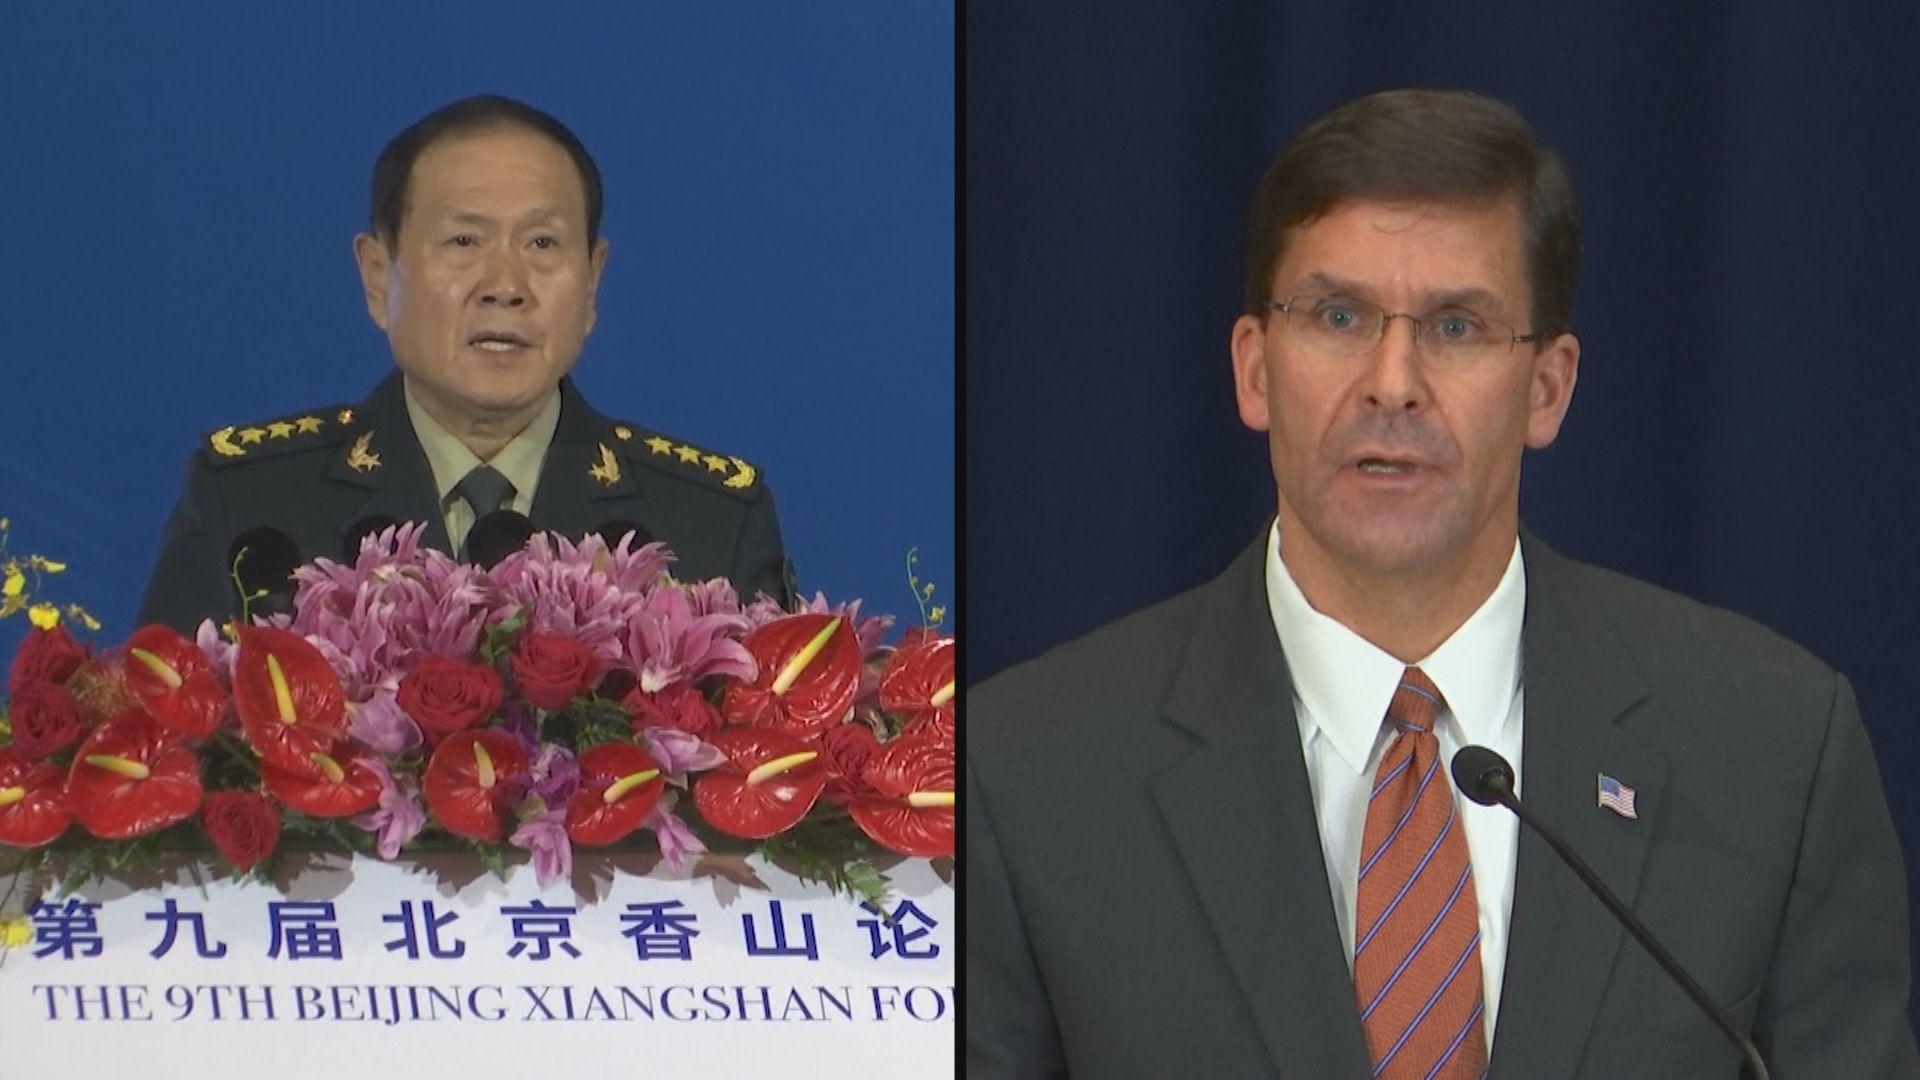 魏鳳和與美防長通話促加強海上管控